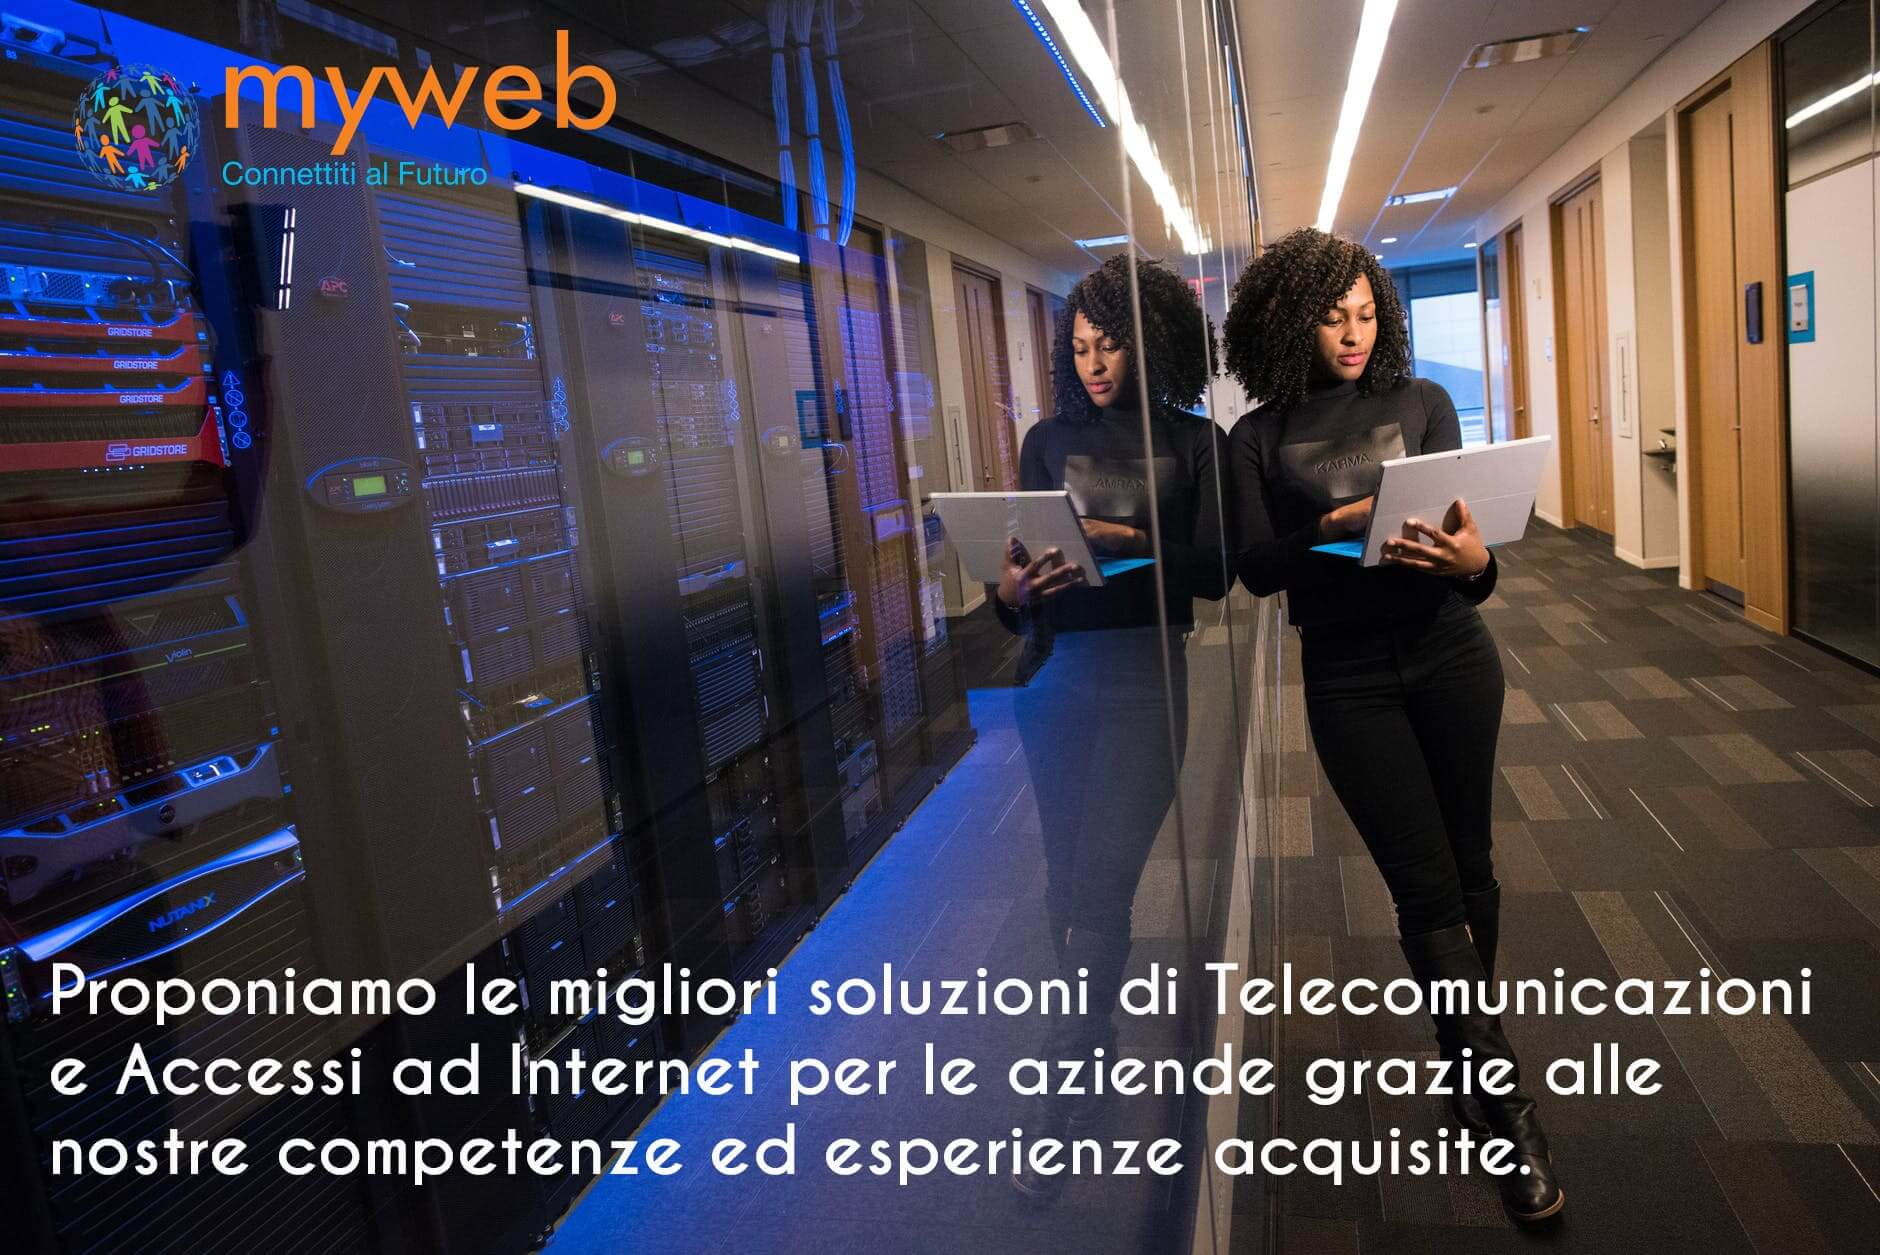 Comune Di Ponzano Veneto fibra ponzano veneto : scegli myweb per le tue connessioni